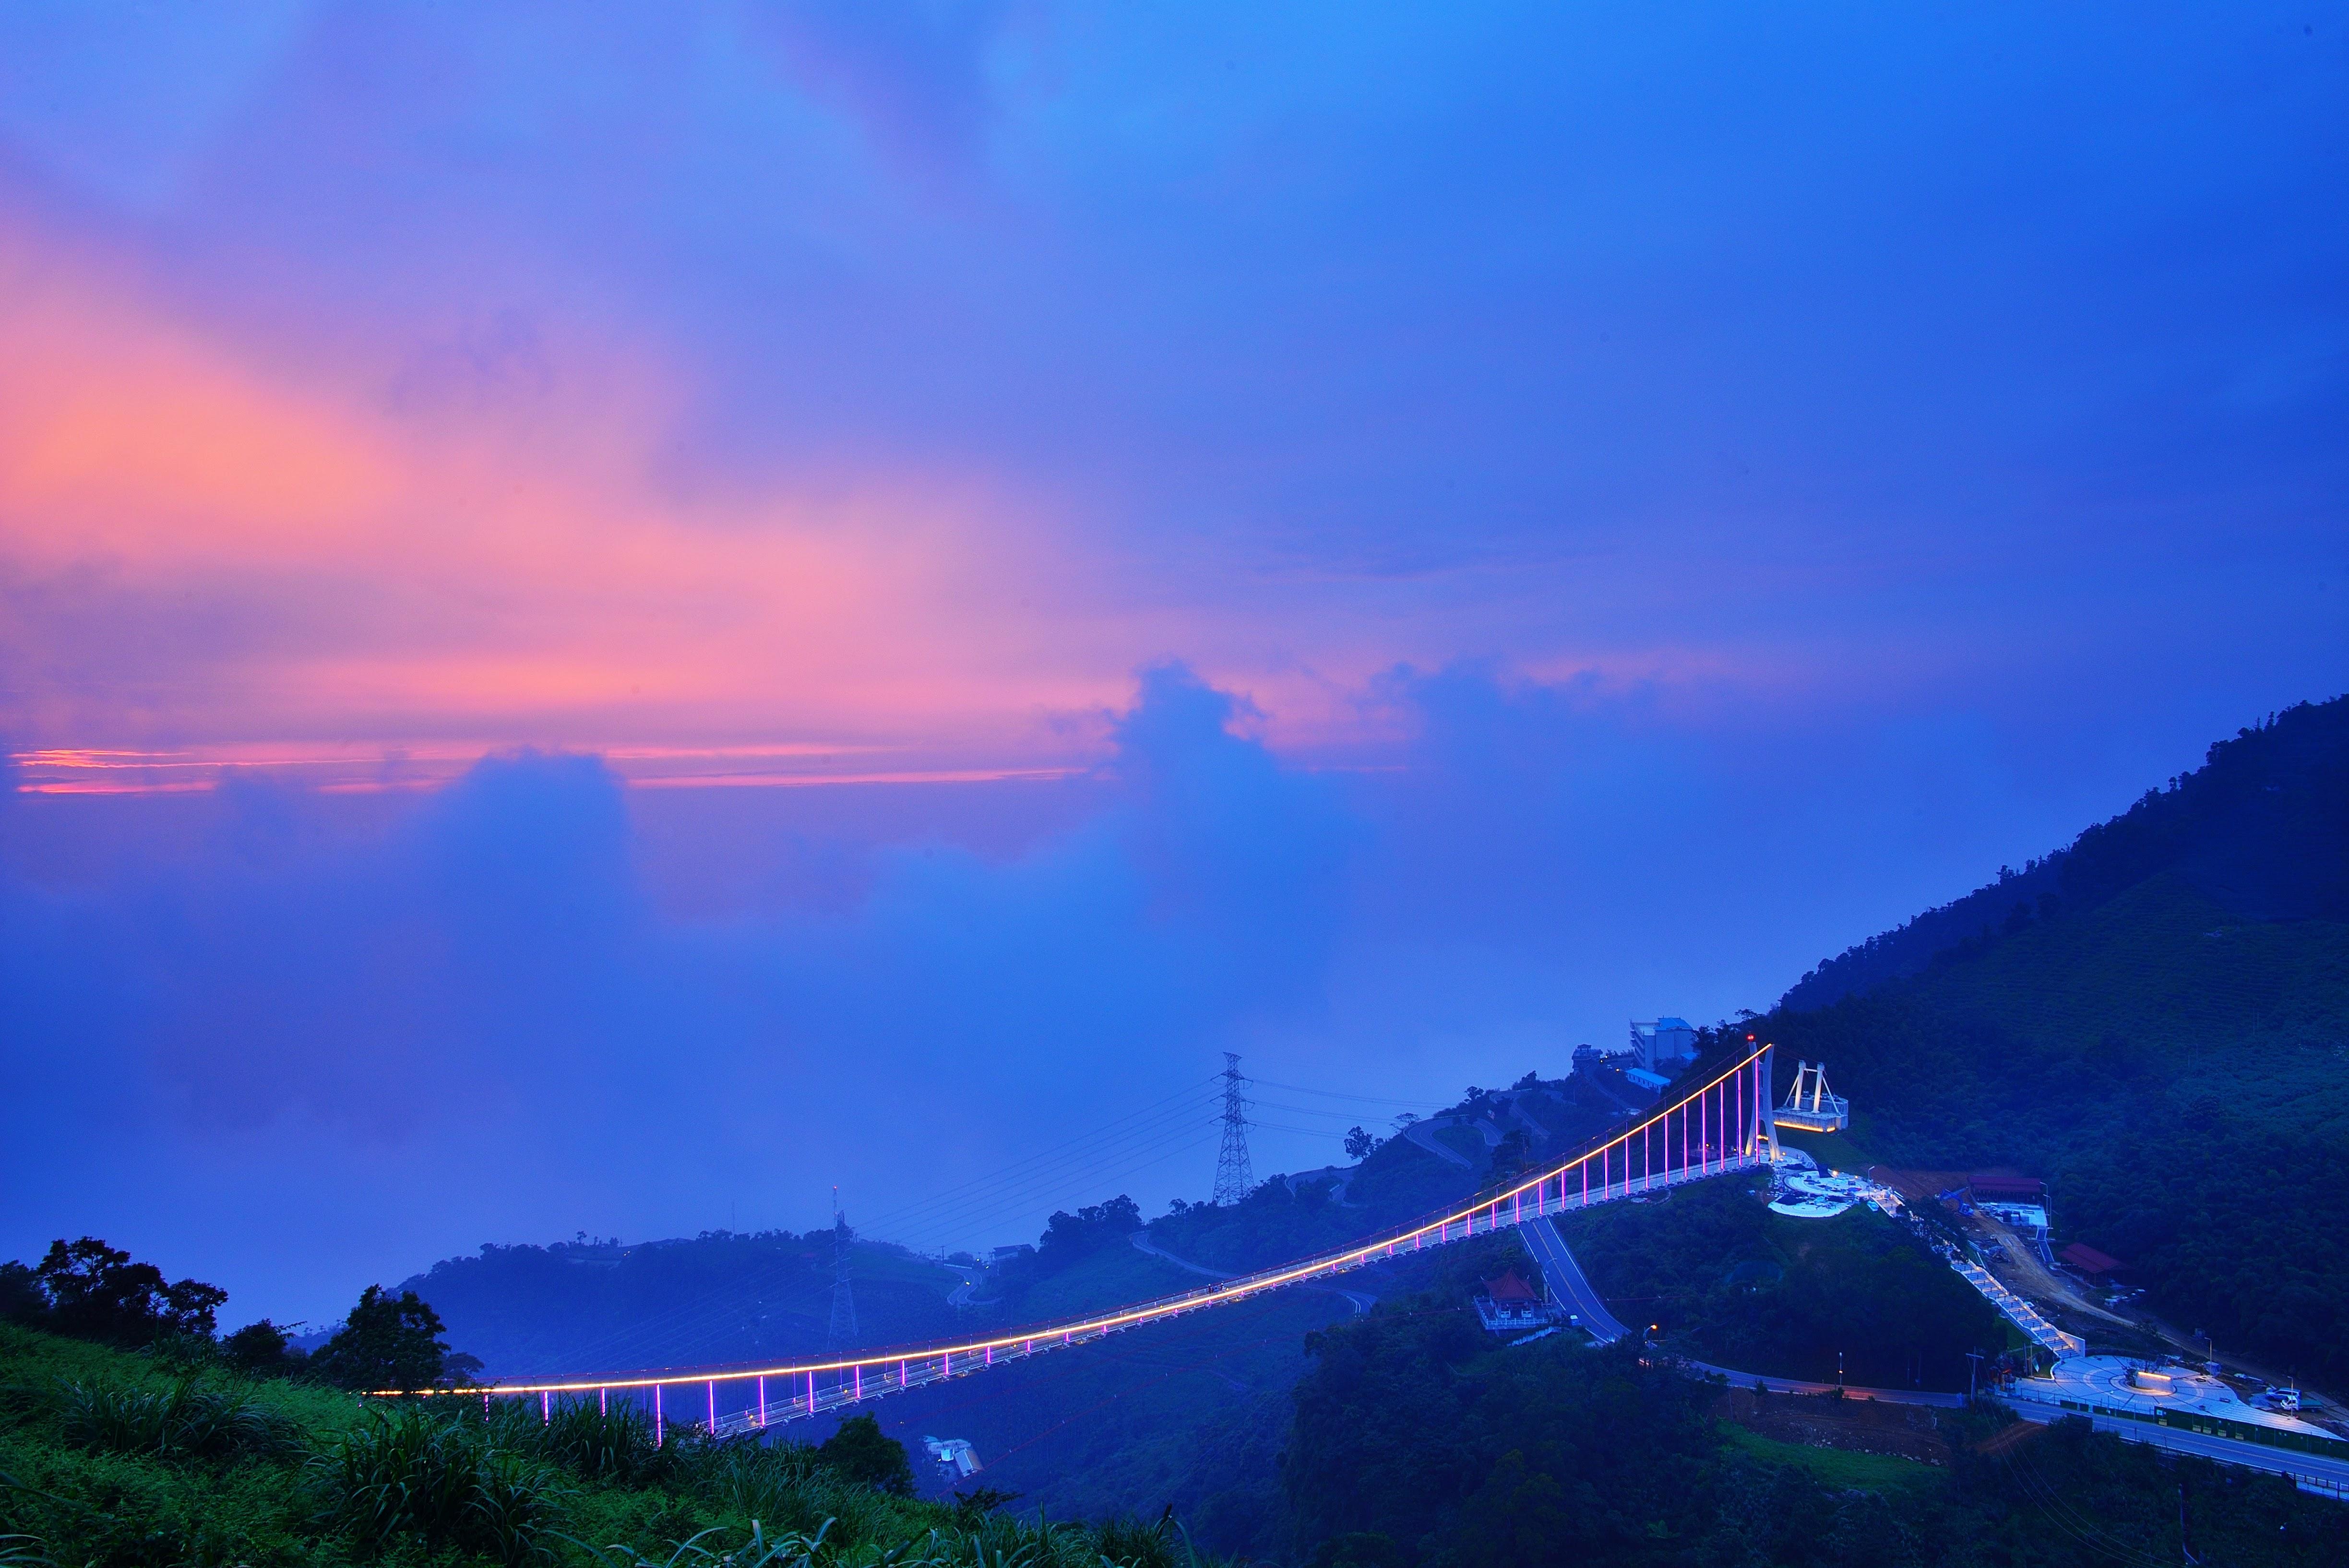 太平雲梯夕陽(黃源明老師提供)